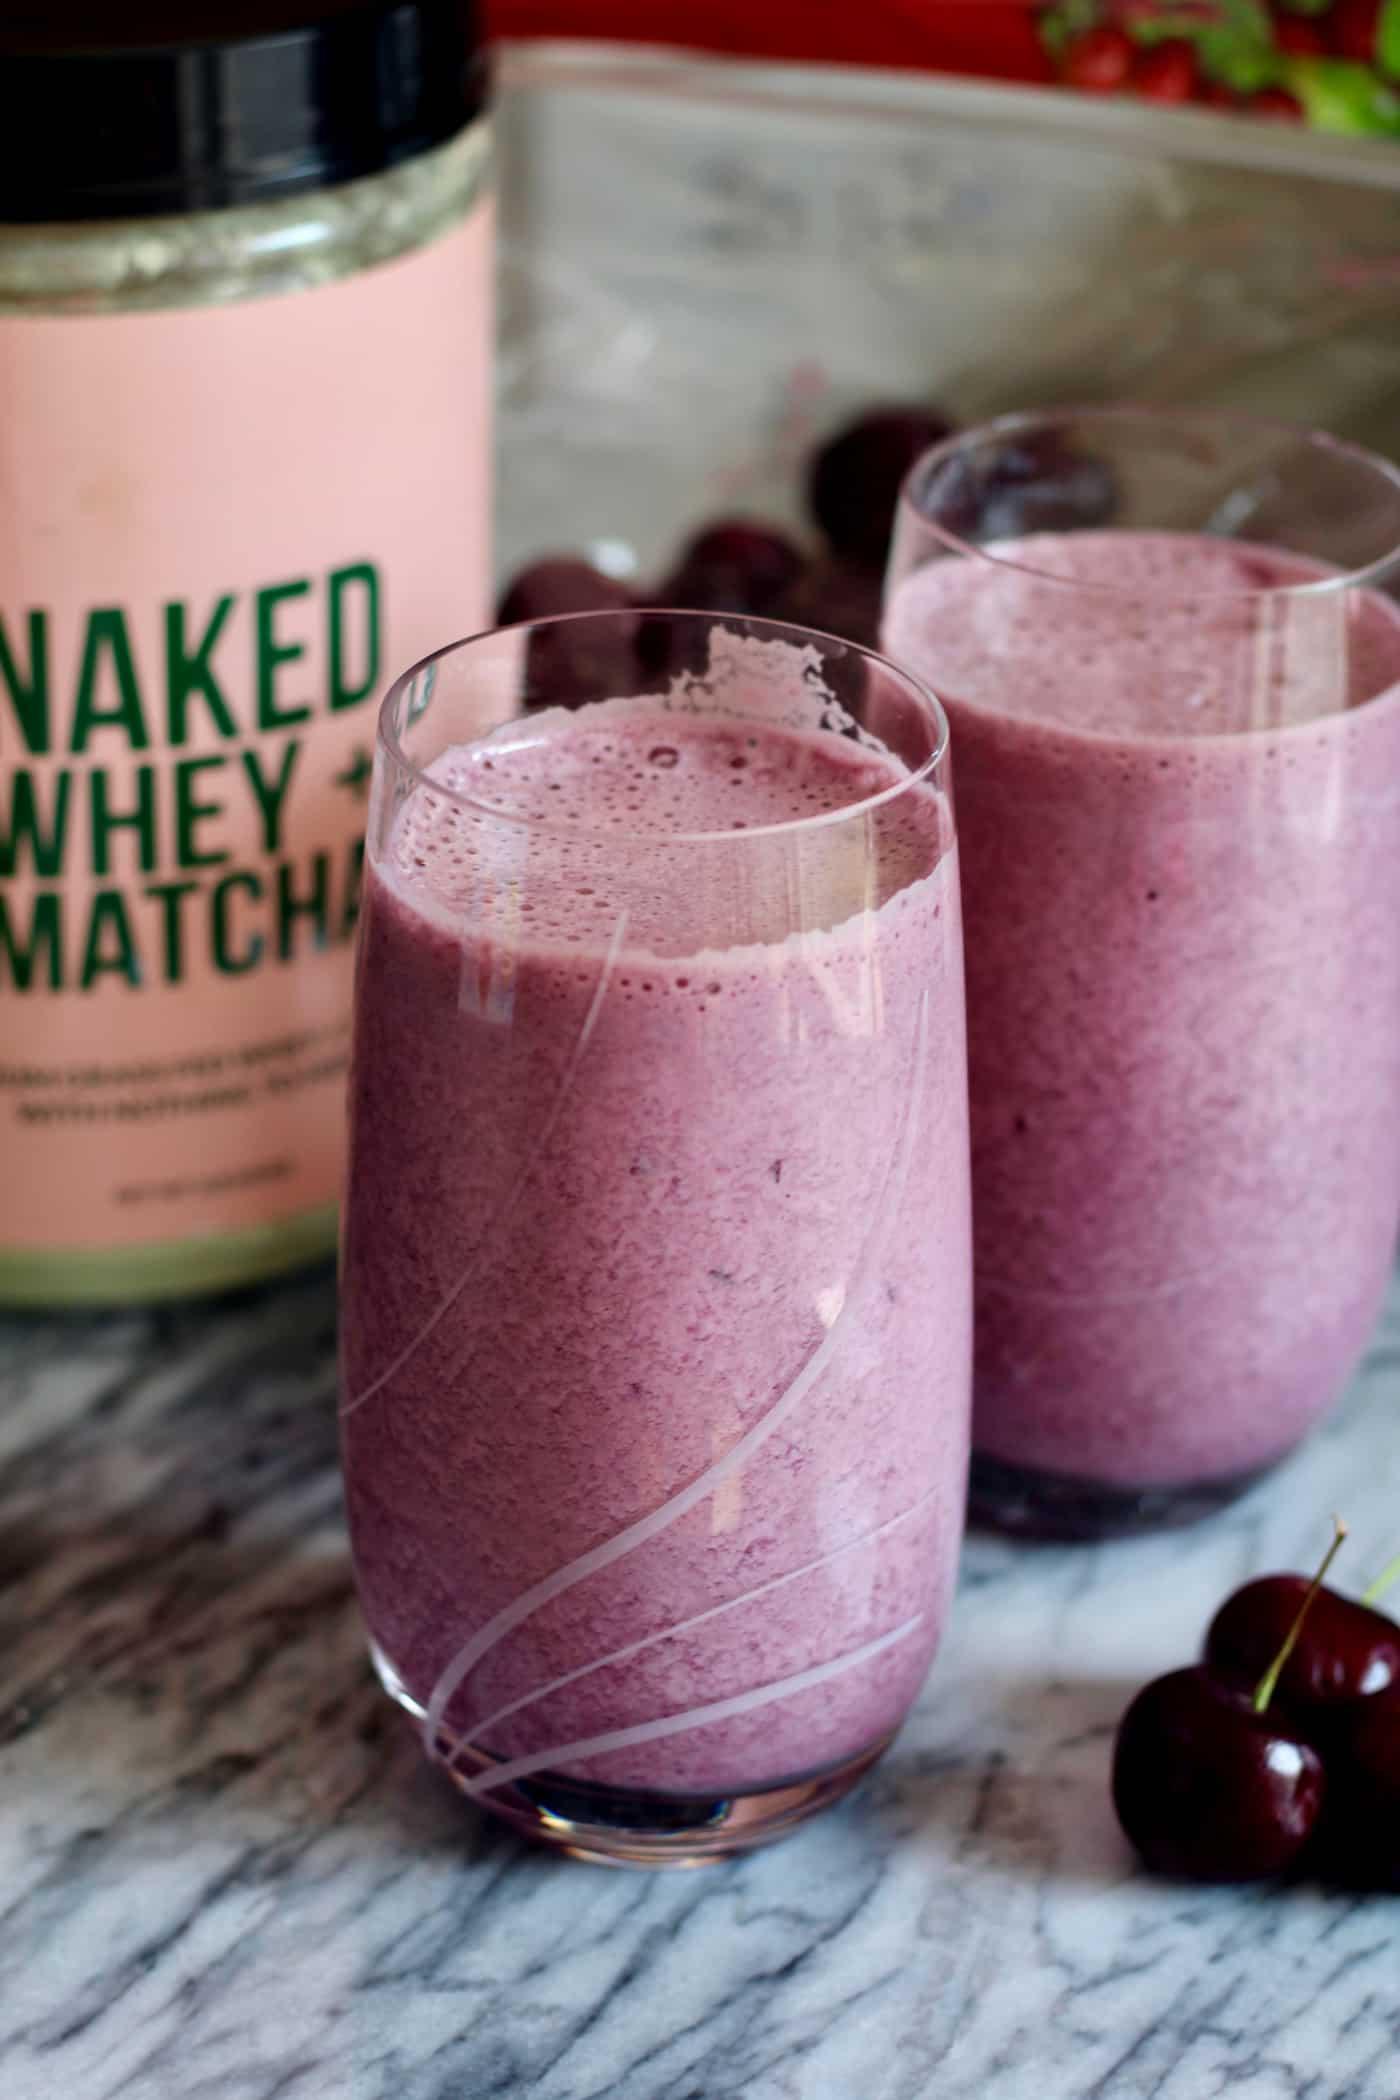 Cherry Matcha Protein Shake